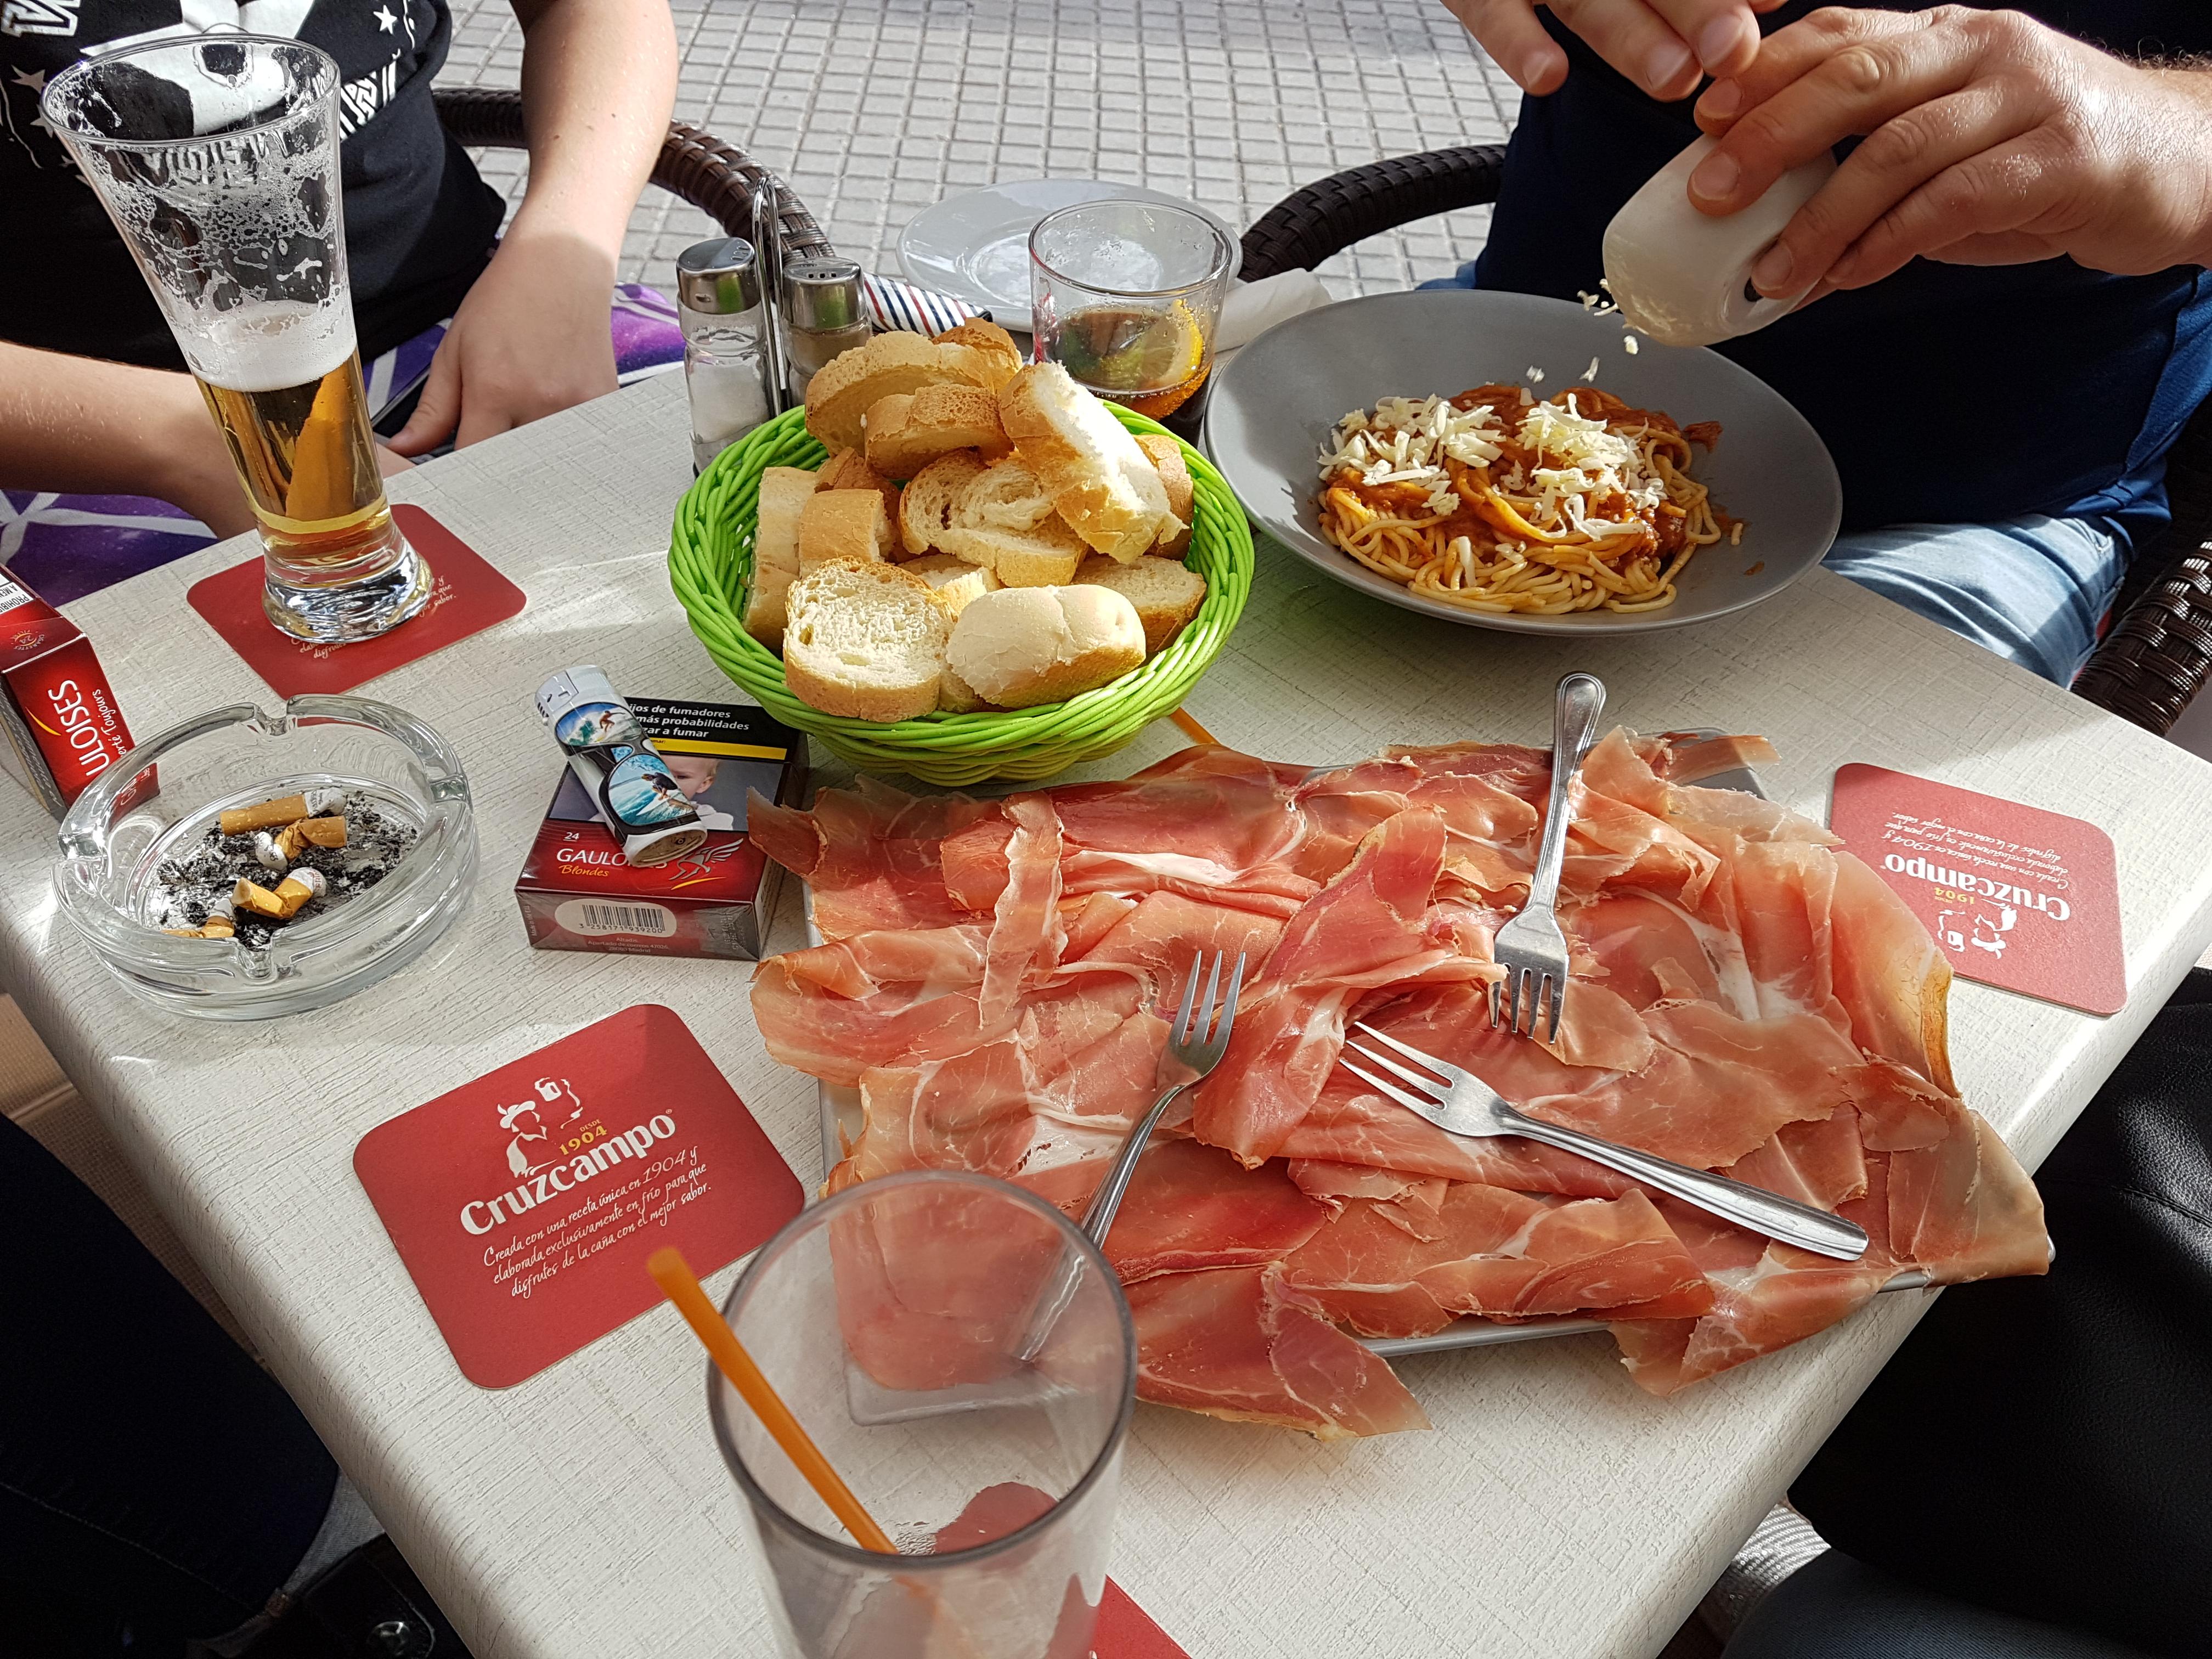 http://foodloader.net/Holz_2017-11-25_Schinkenplatte.jpg